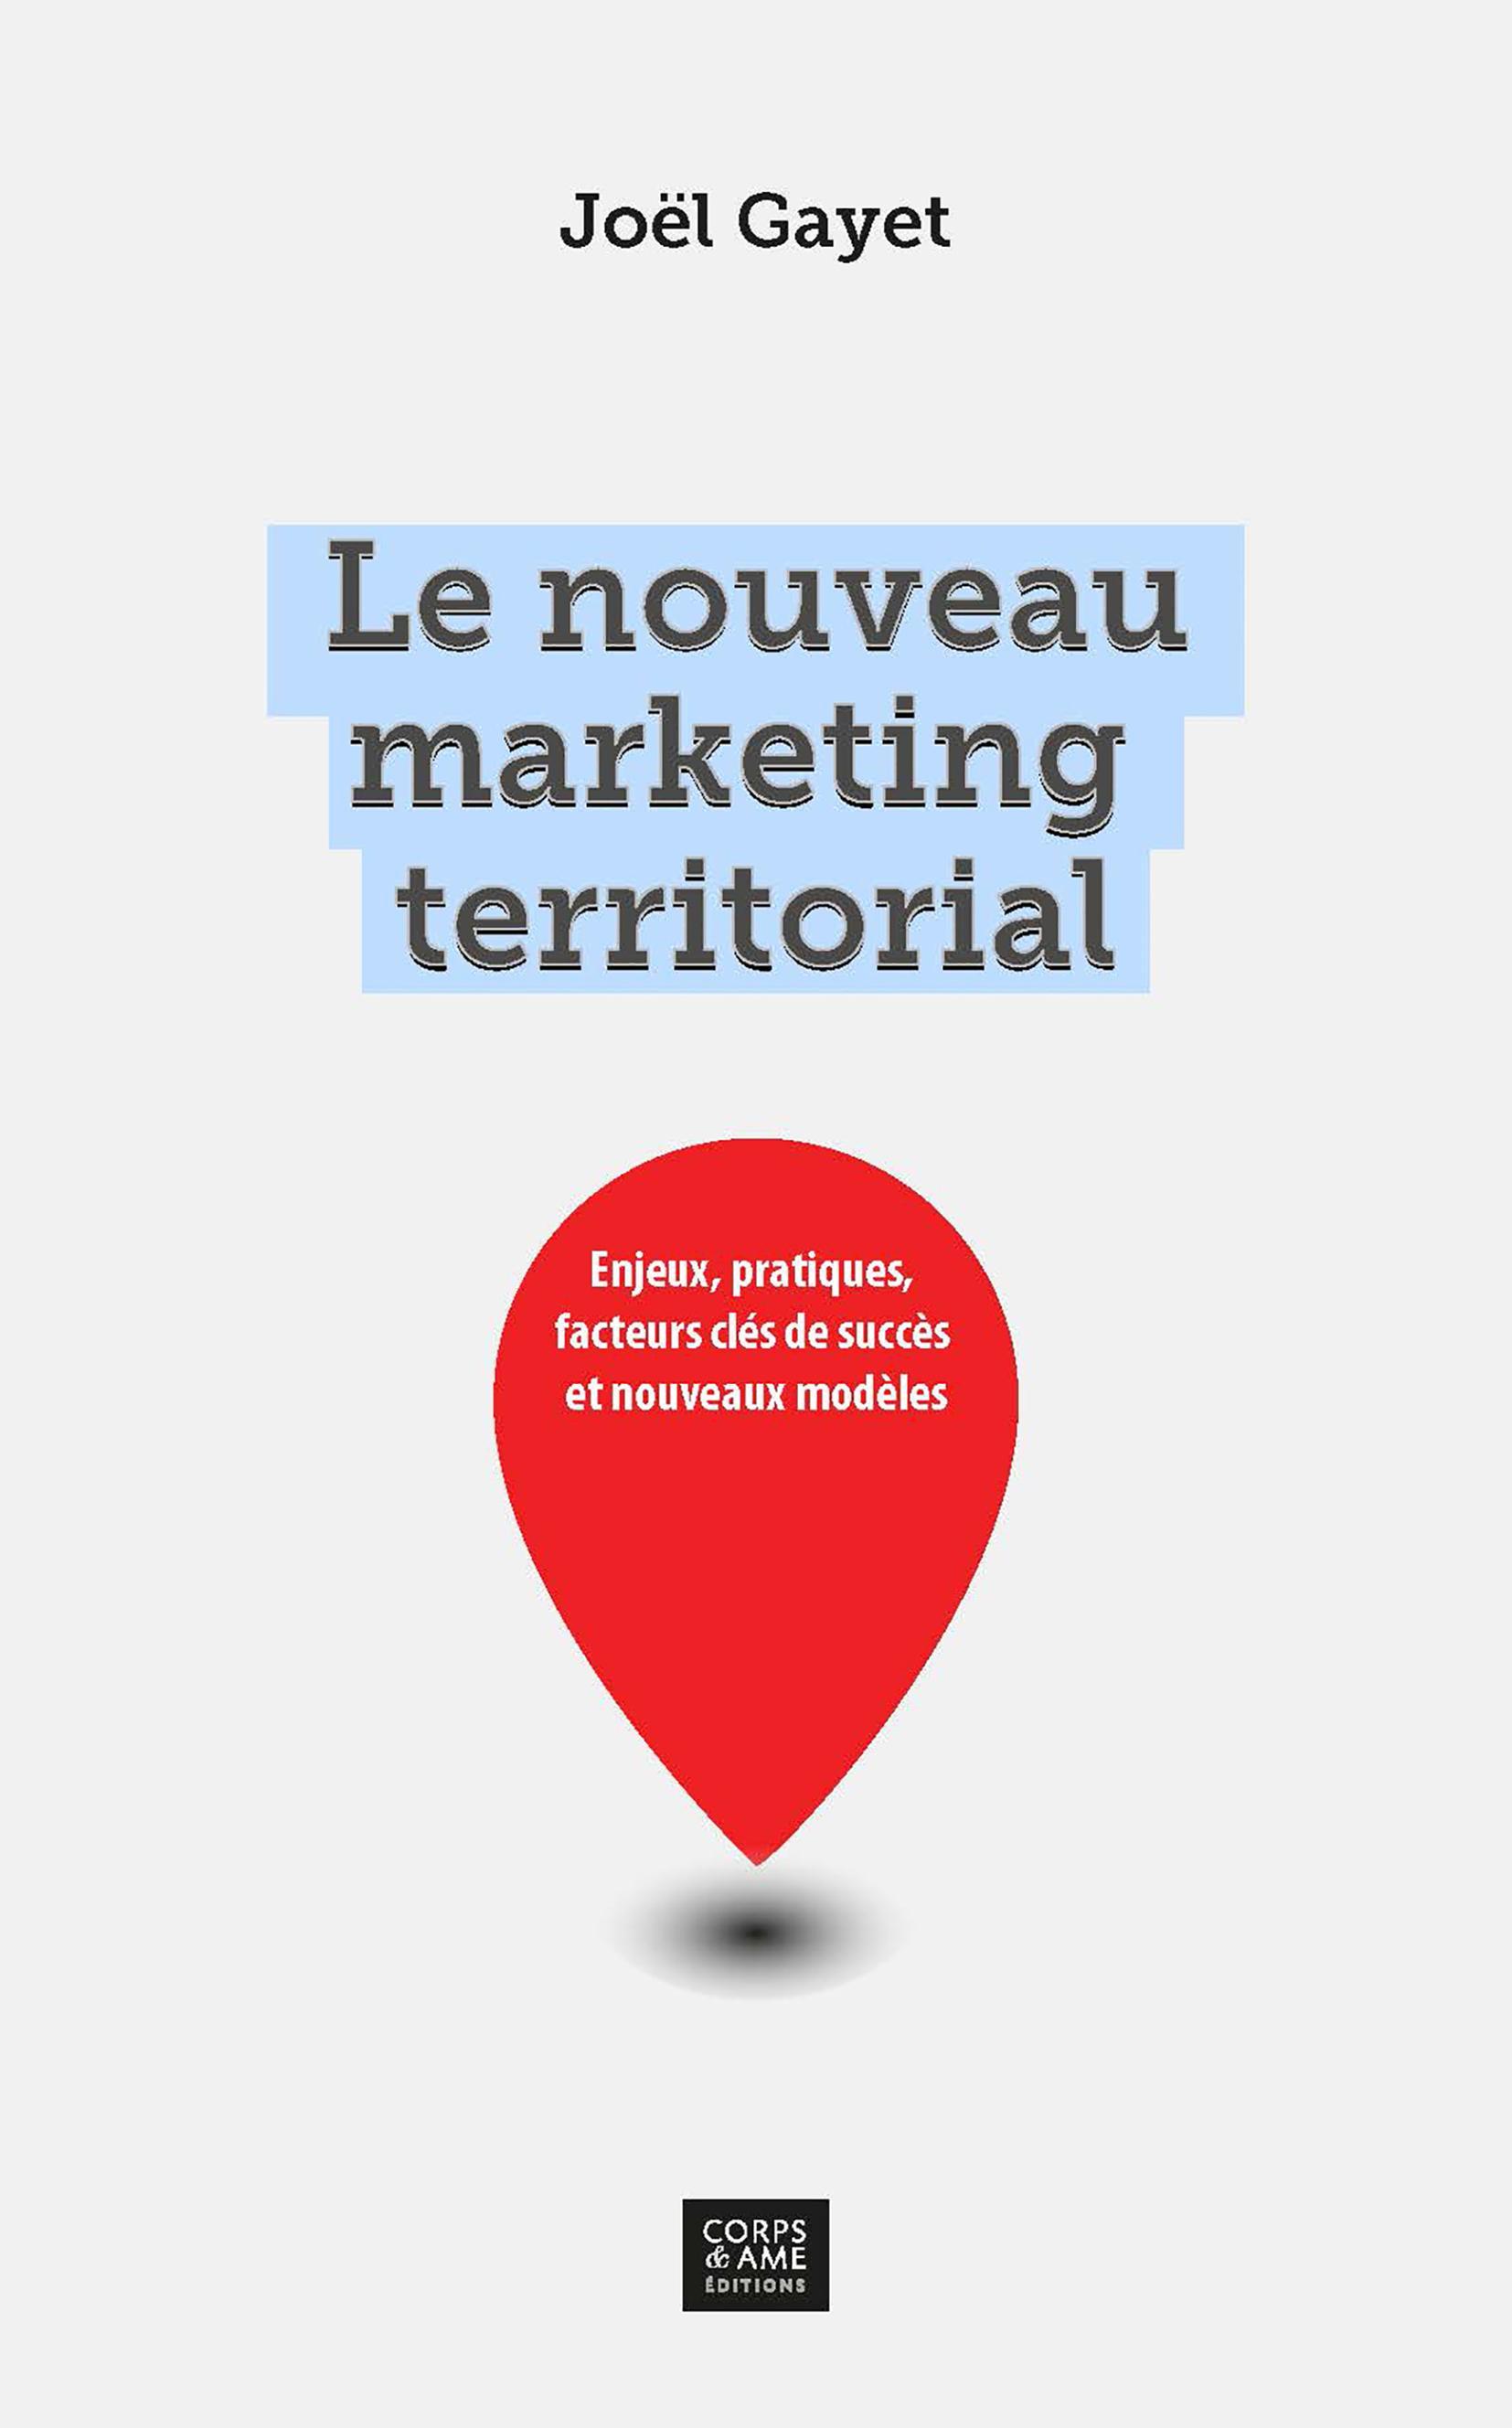 Le nouveau marketing territorial, ENJEUX, PRATIQUES, FACTEURS CLÉS DE SUCCÈS ET NOUVEAUX MODÈLES